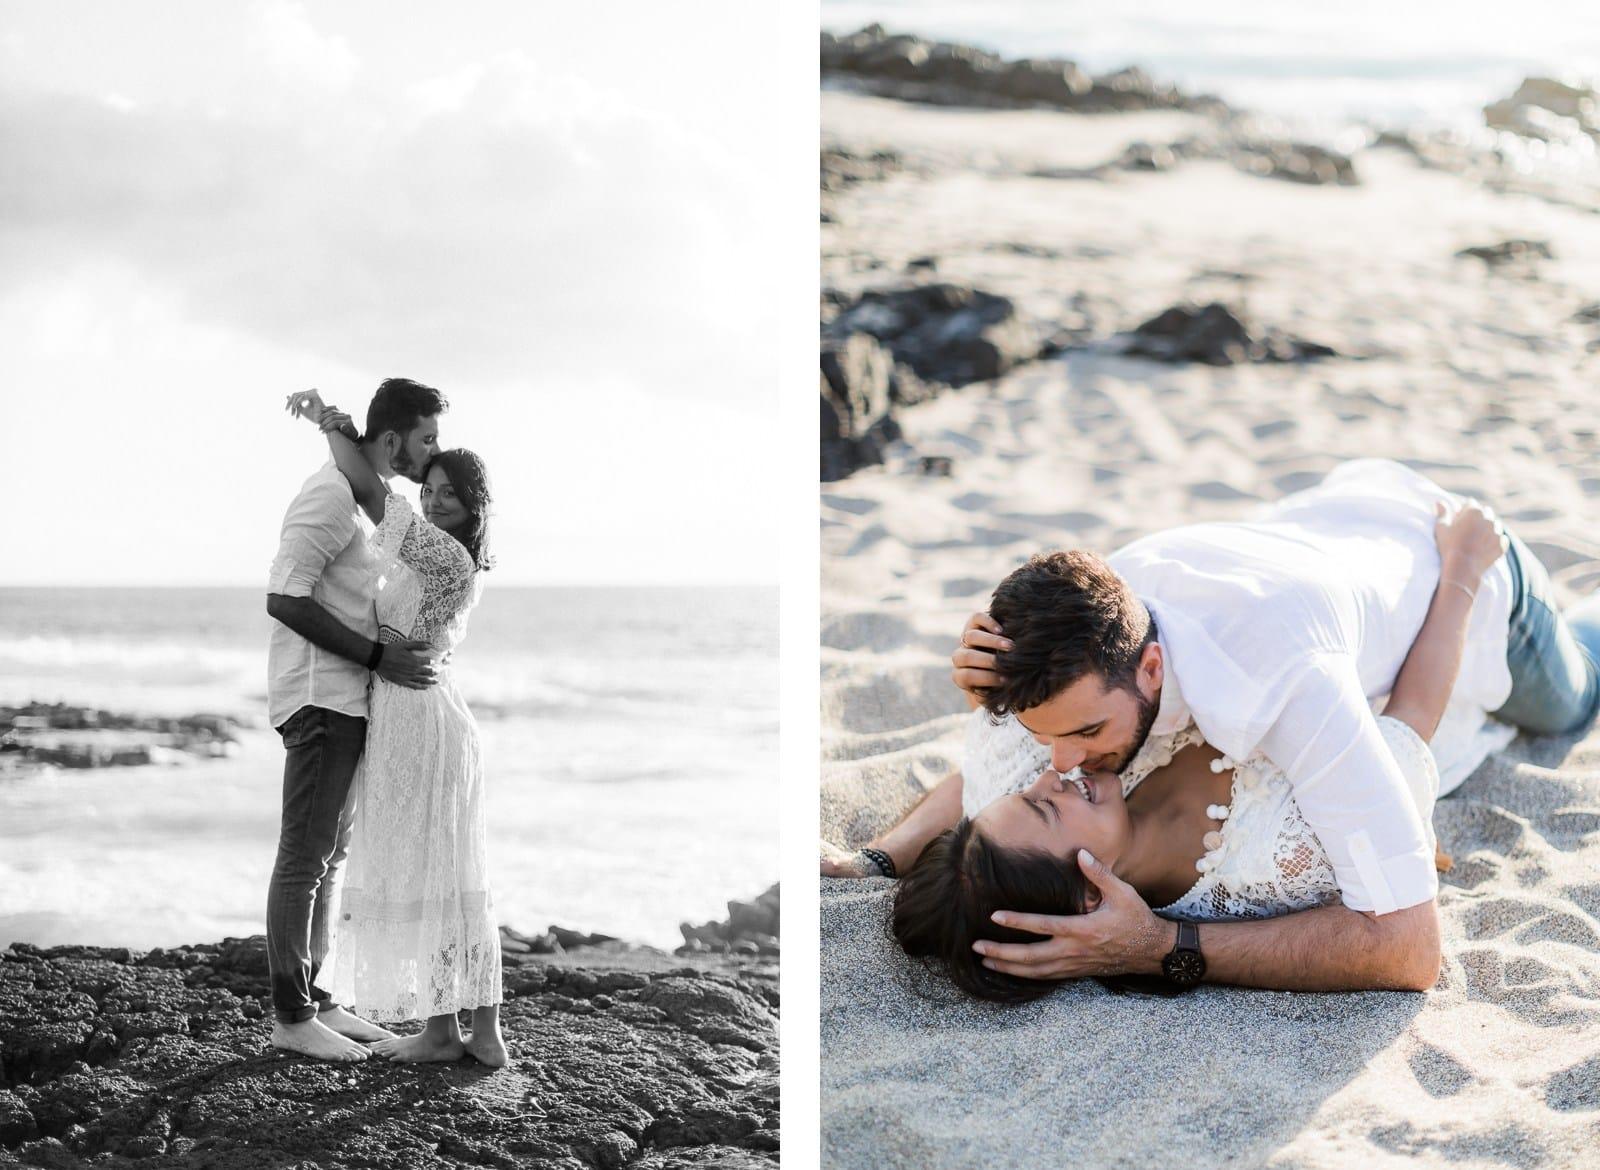 Photographie de Mathieu Dété, photographe de grossesse et naissance à Saint-Leu sur l'île de la Réunion 974, présentant un couple qui s'embrasse sur une plage de Saint-Paul